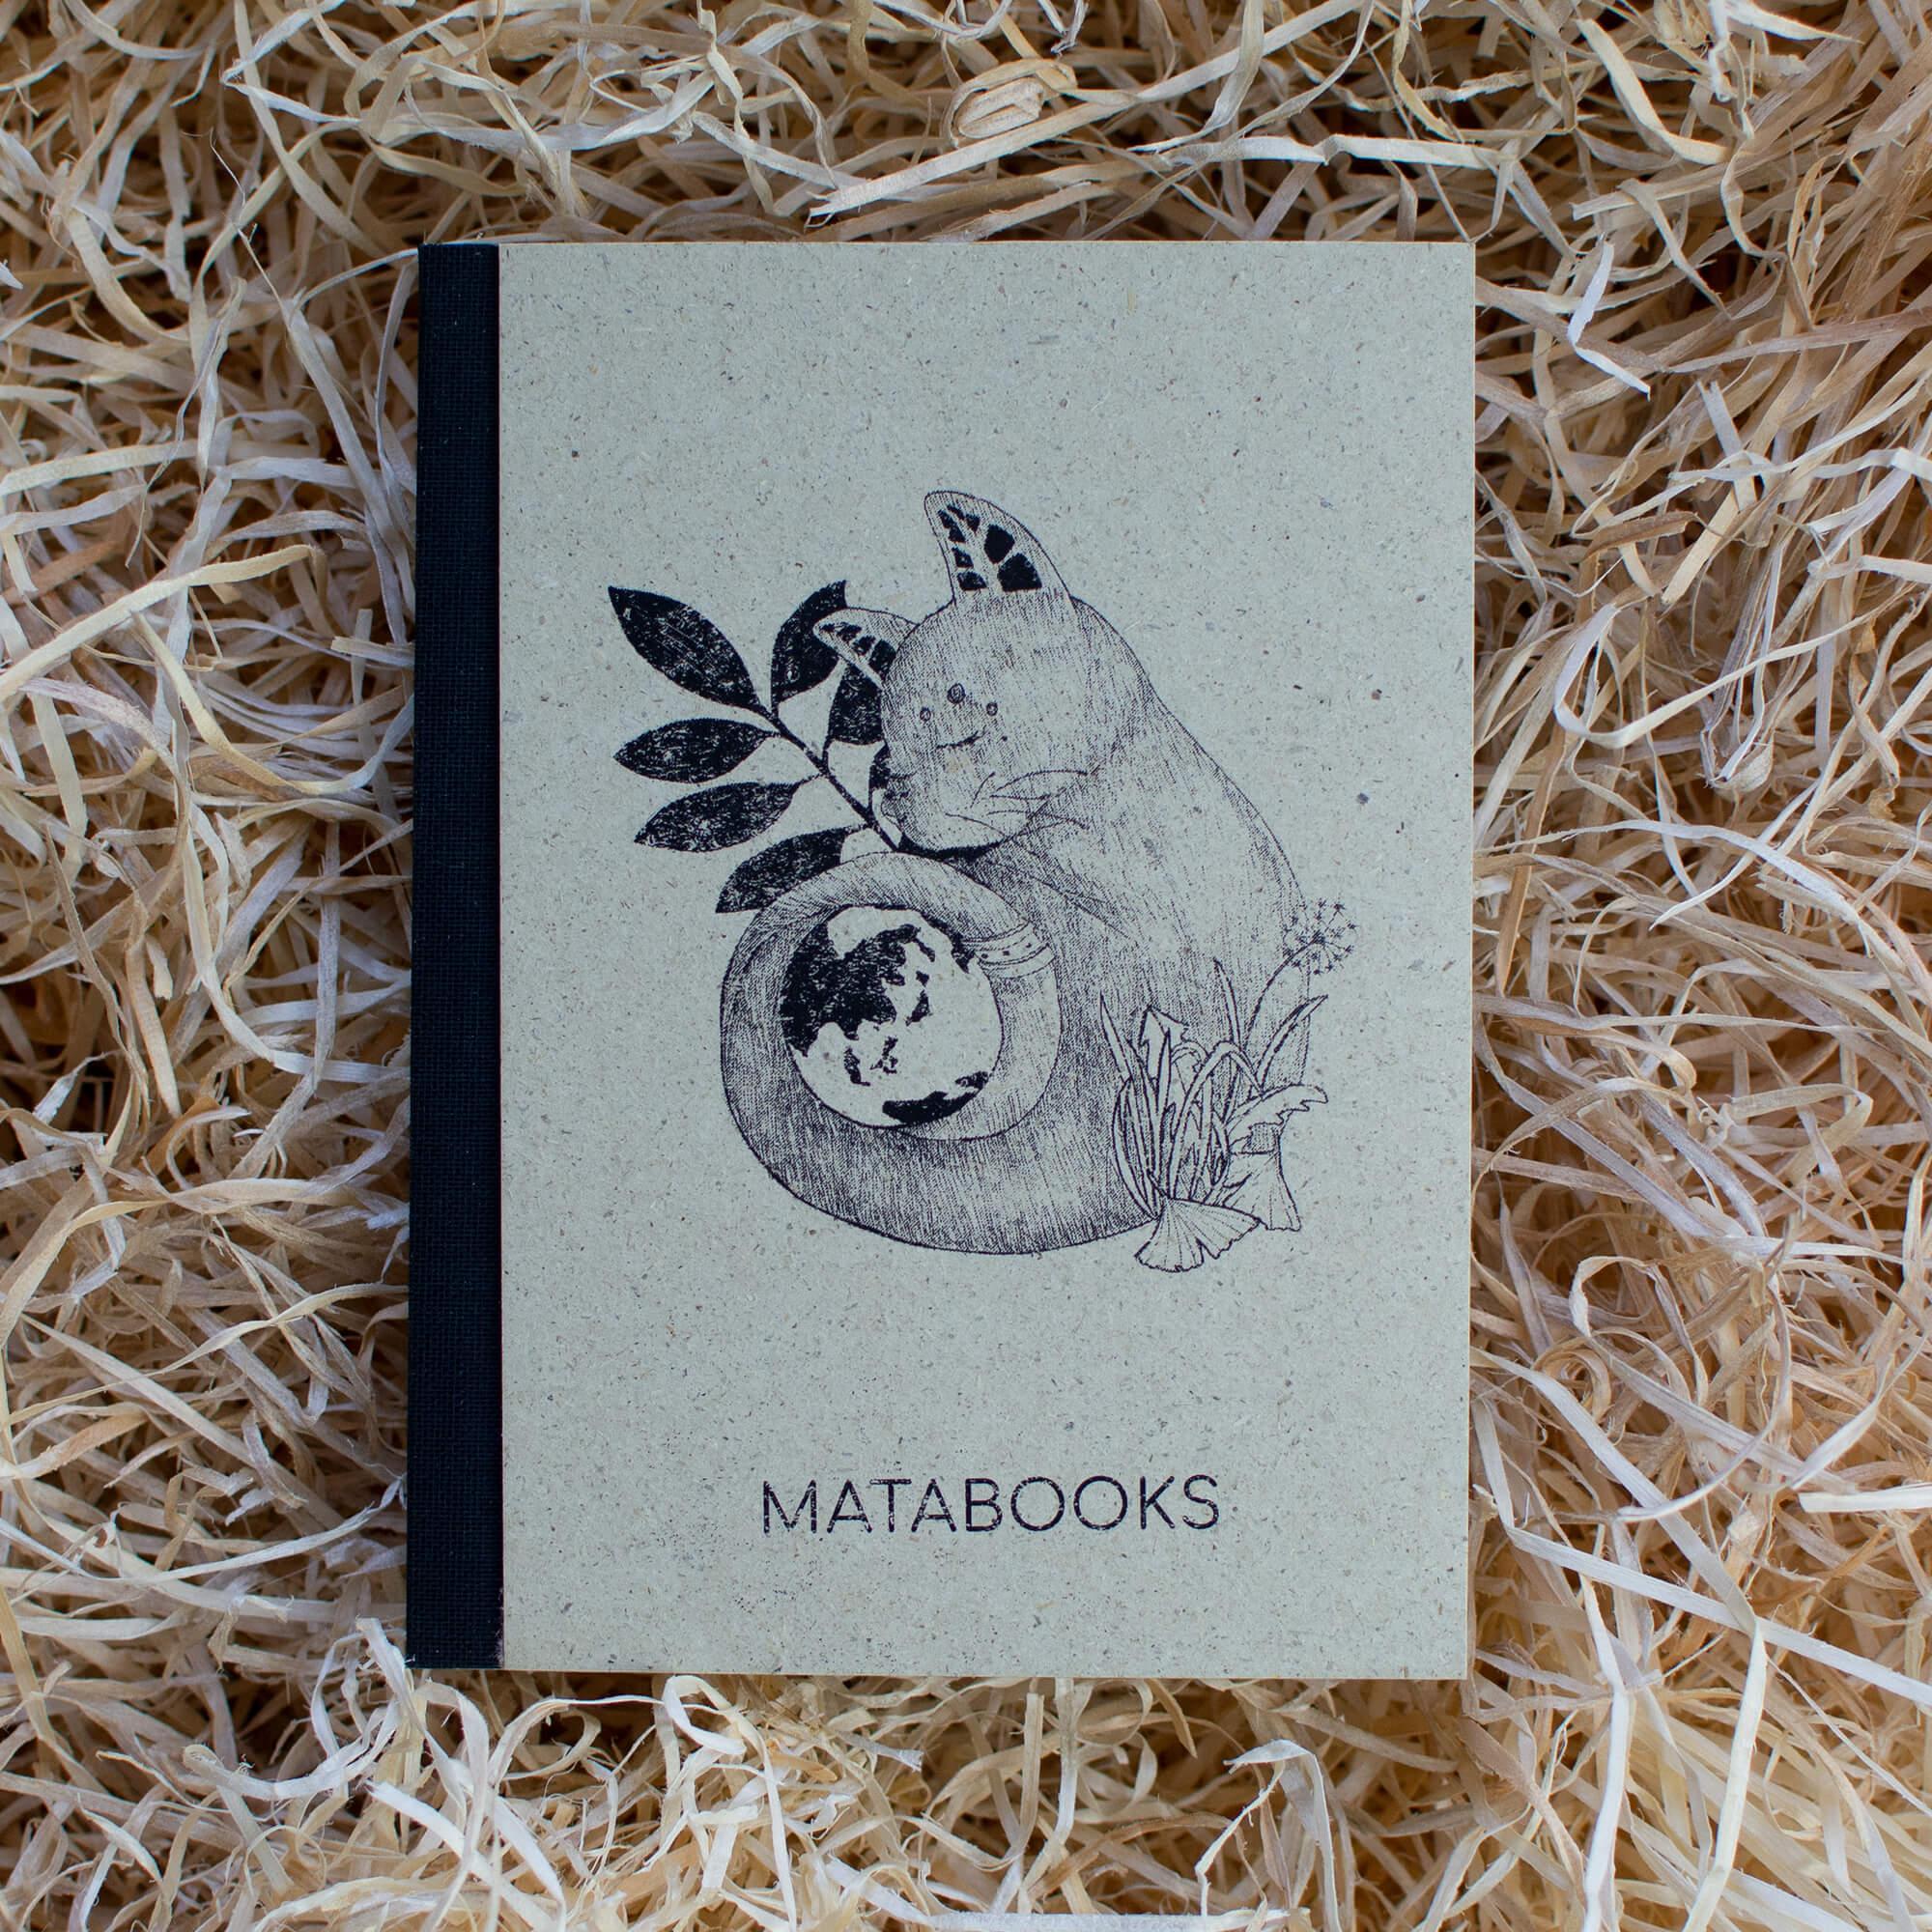 matabooks_steifbroschur_katze